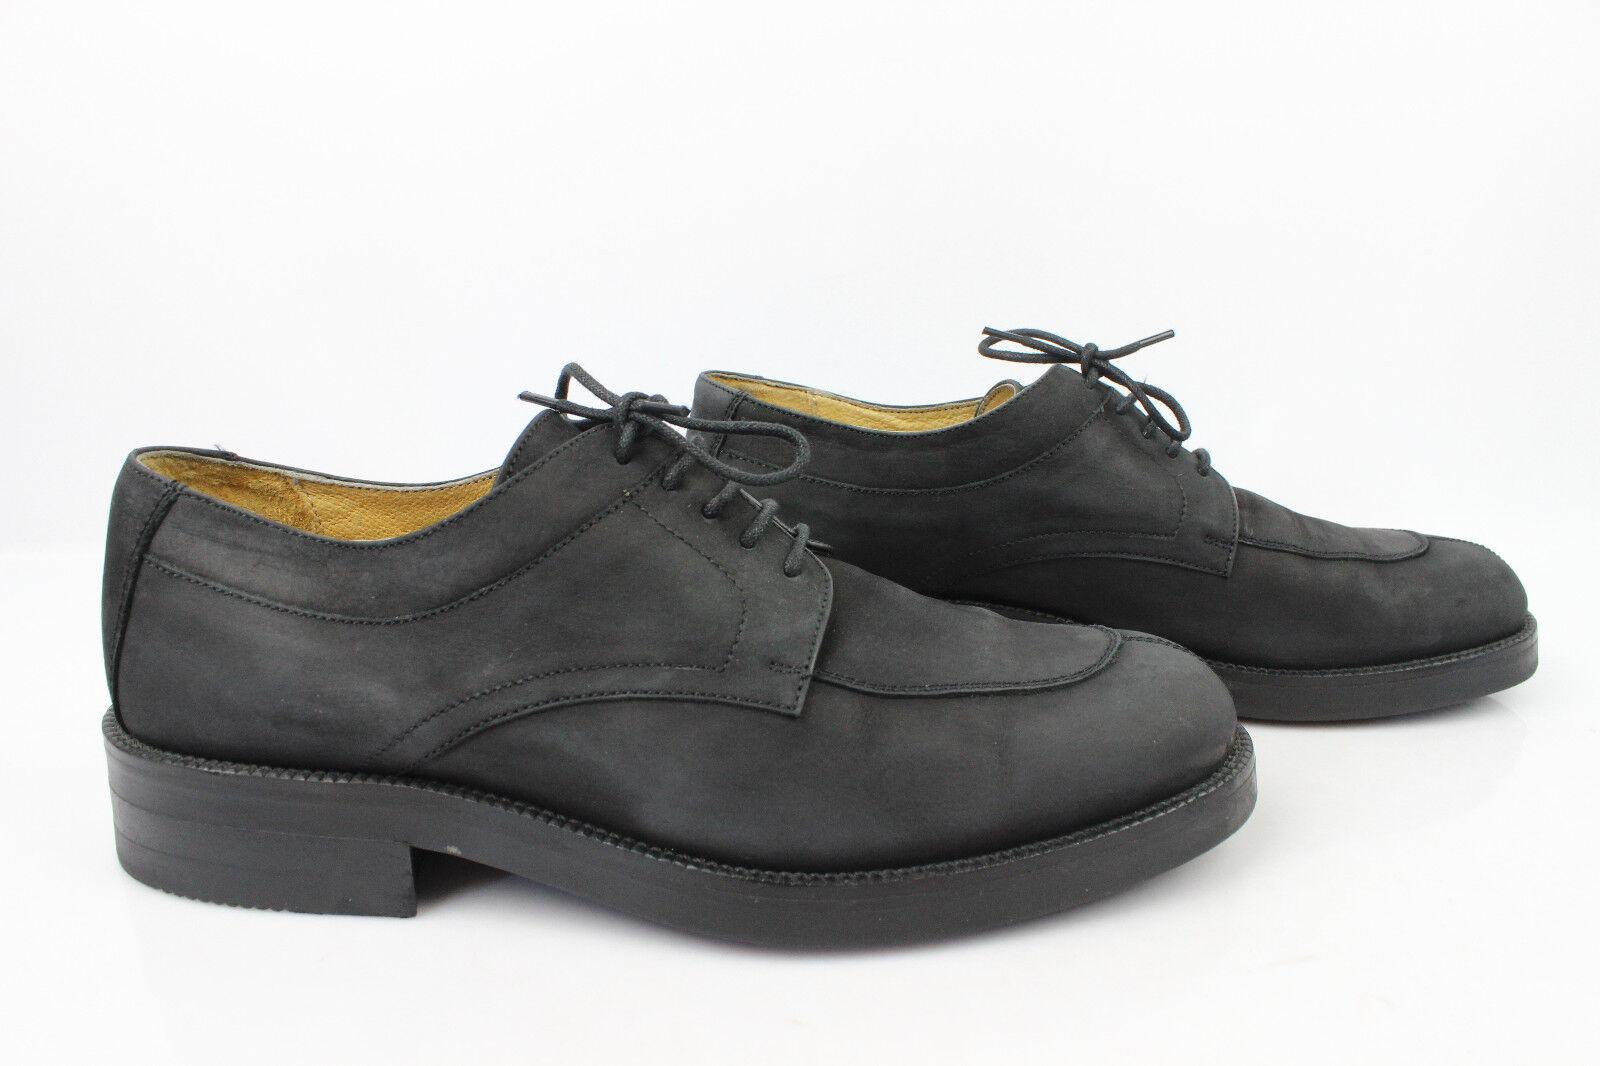 Vintage Oxfordschuhe The Authentic DAVISON Leder schwarz schwarz schwarz t 40,5 682c51